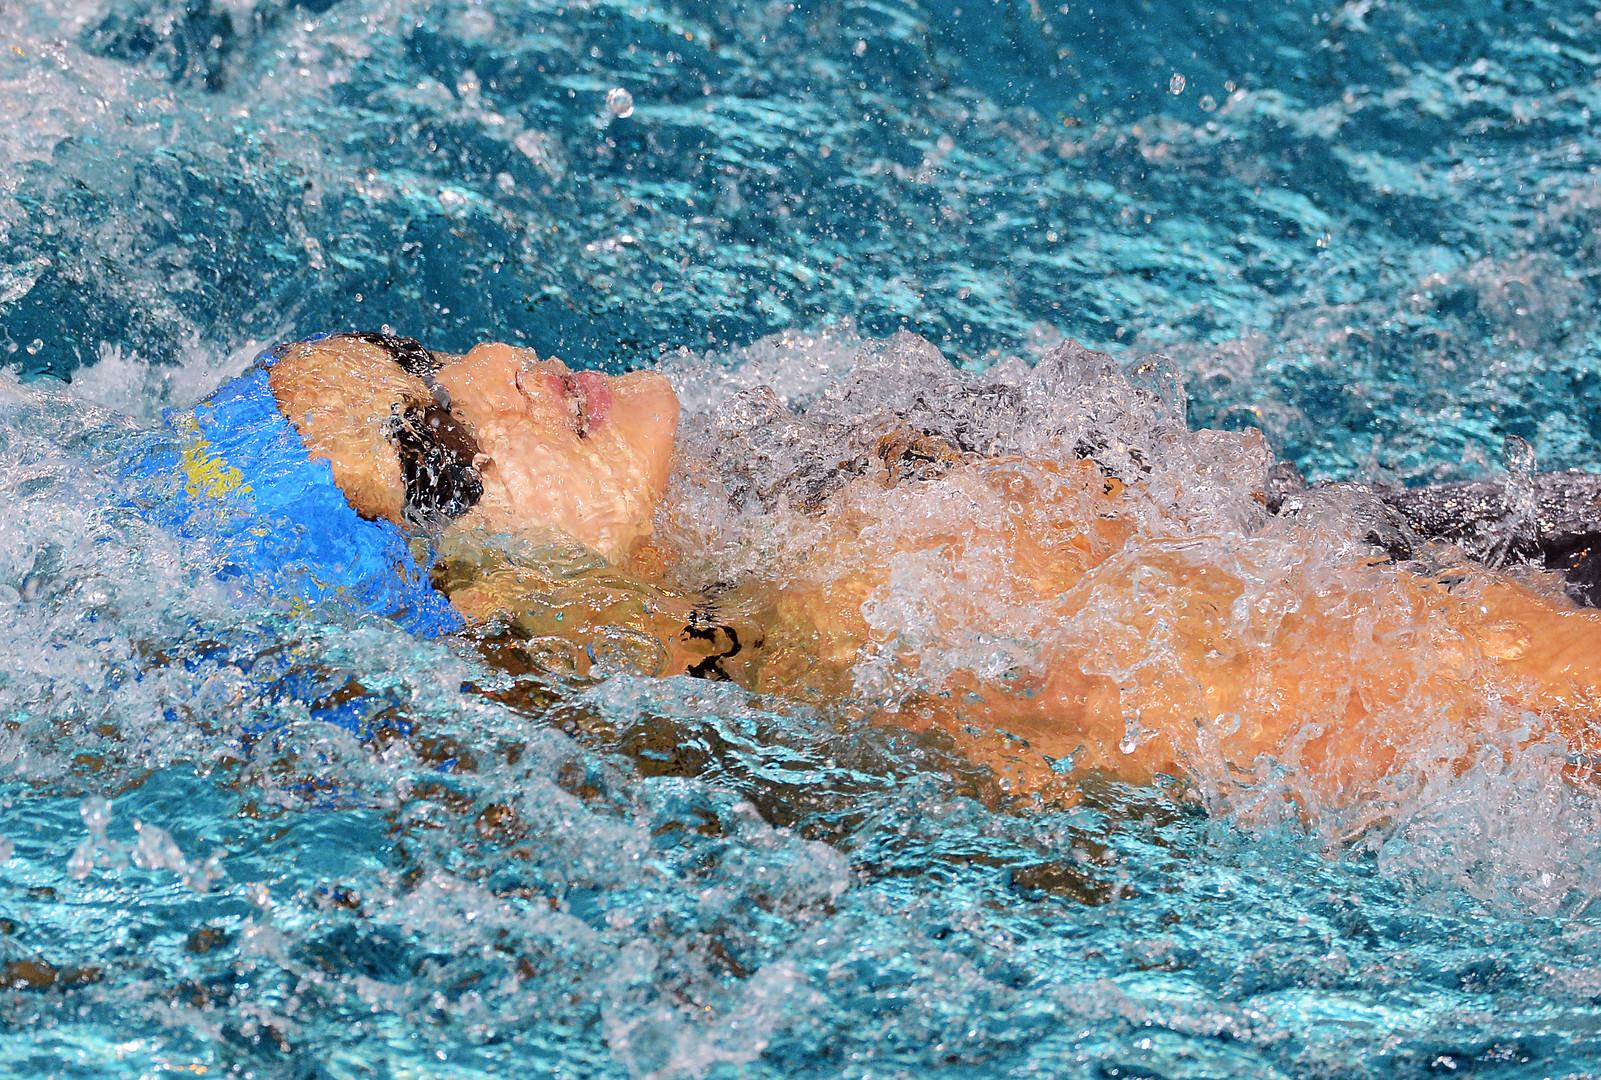 أكثر من 30 بطولة رياضية دولية في العالم العربي في 2014